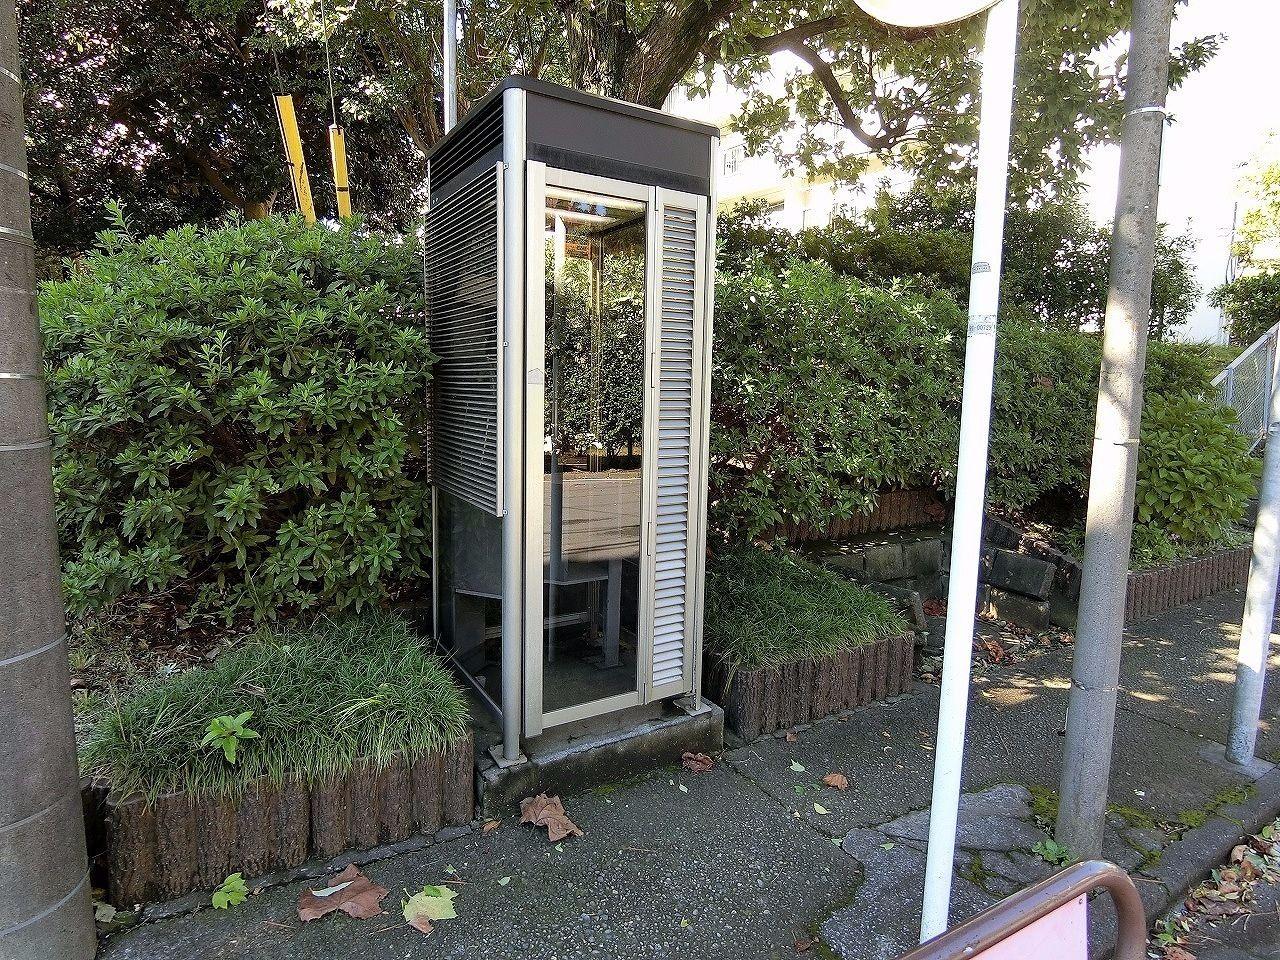 たまプラーザ団地4-4号棟の電話ボックス(美しが丘1丁目19-2)